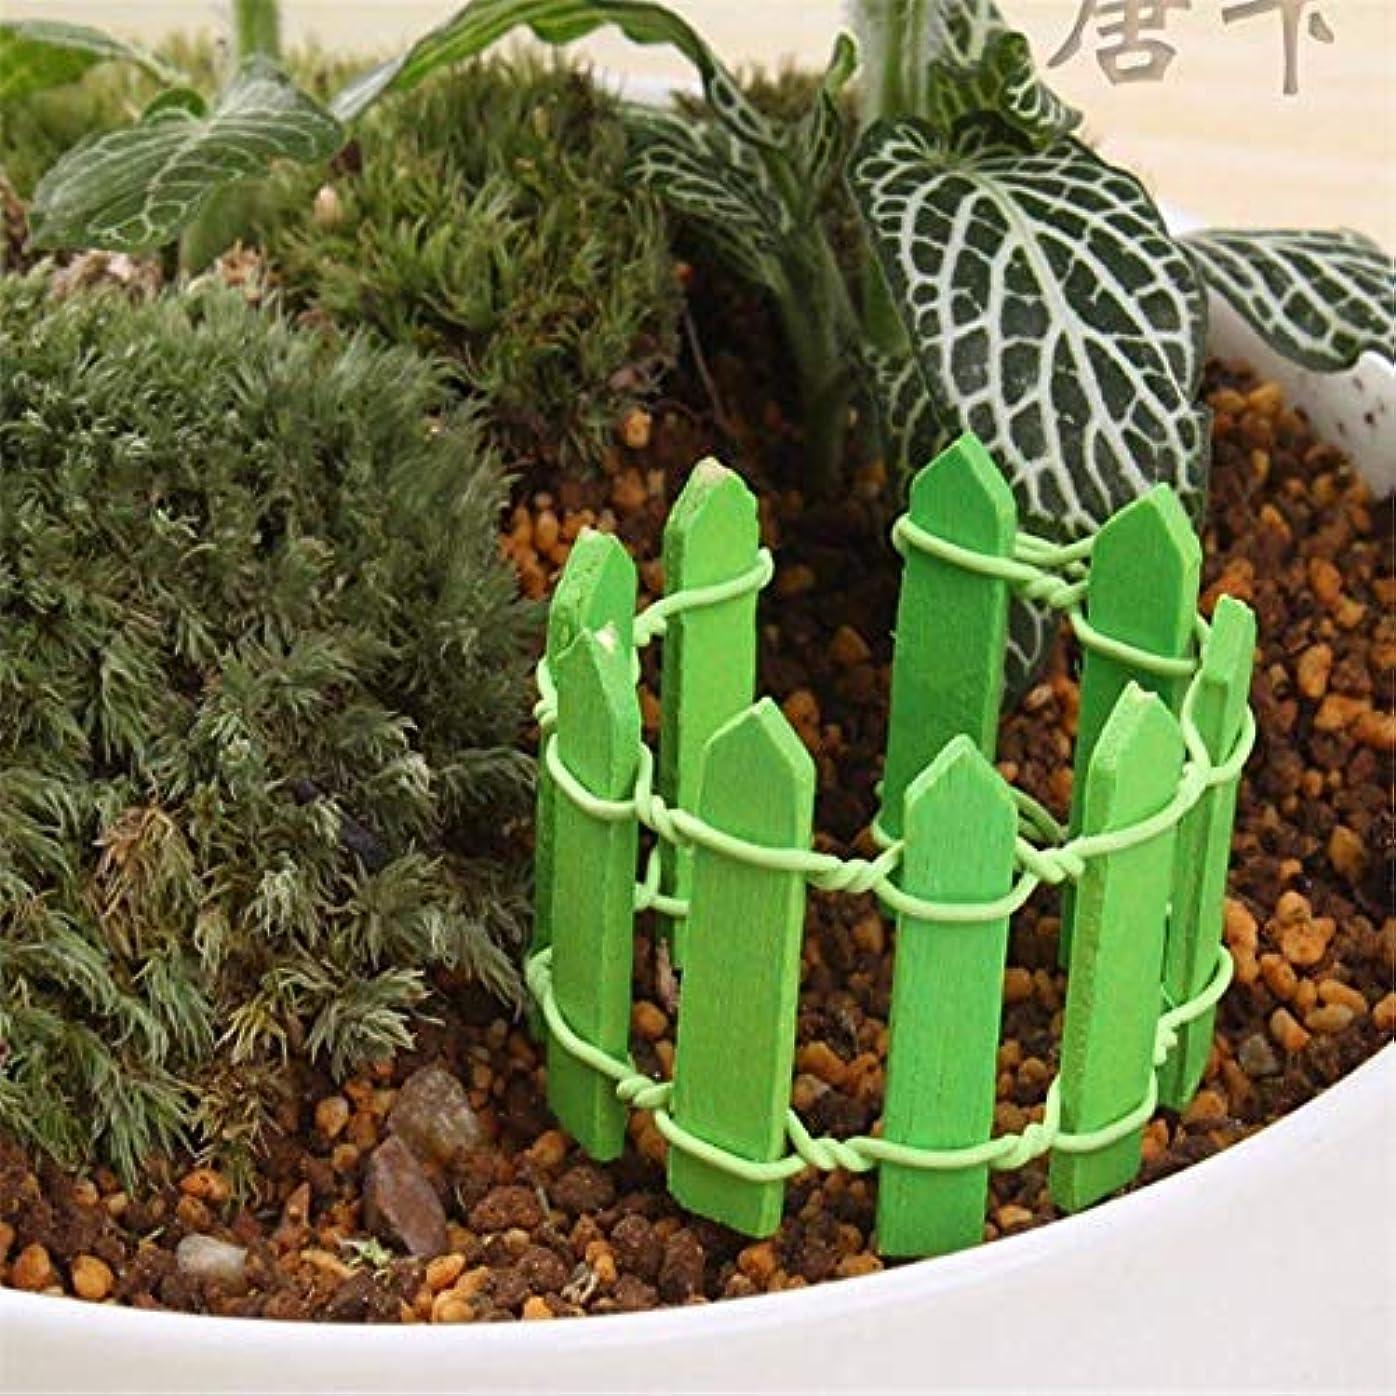 冗談でテロリスト学期Jicorzo - 20個DIY木製の小さなフェンスモステラリウム植木鉢工芸ミニおもちゃフェアリーガーデンミニチュア[緑]